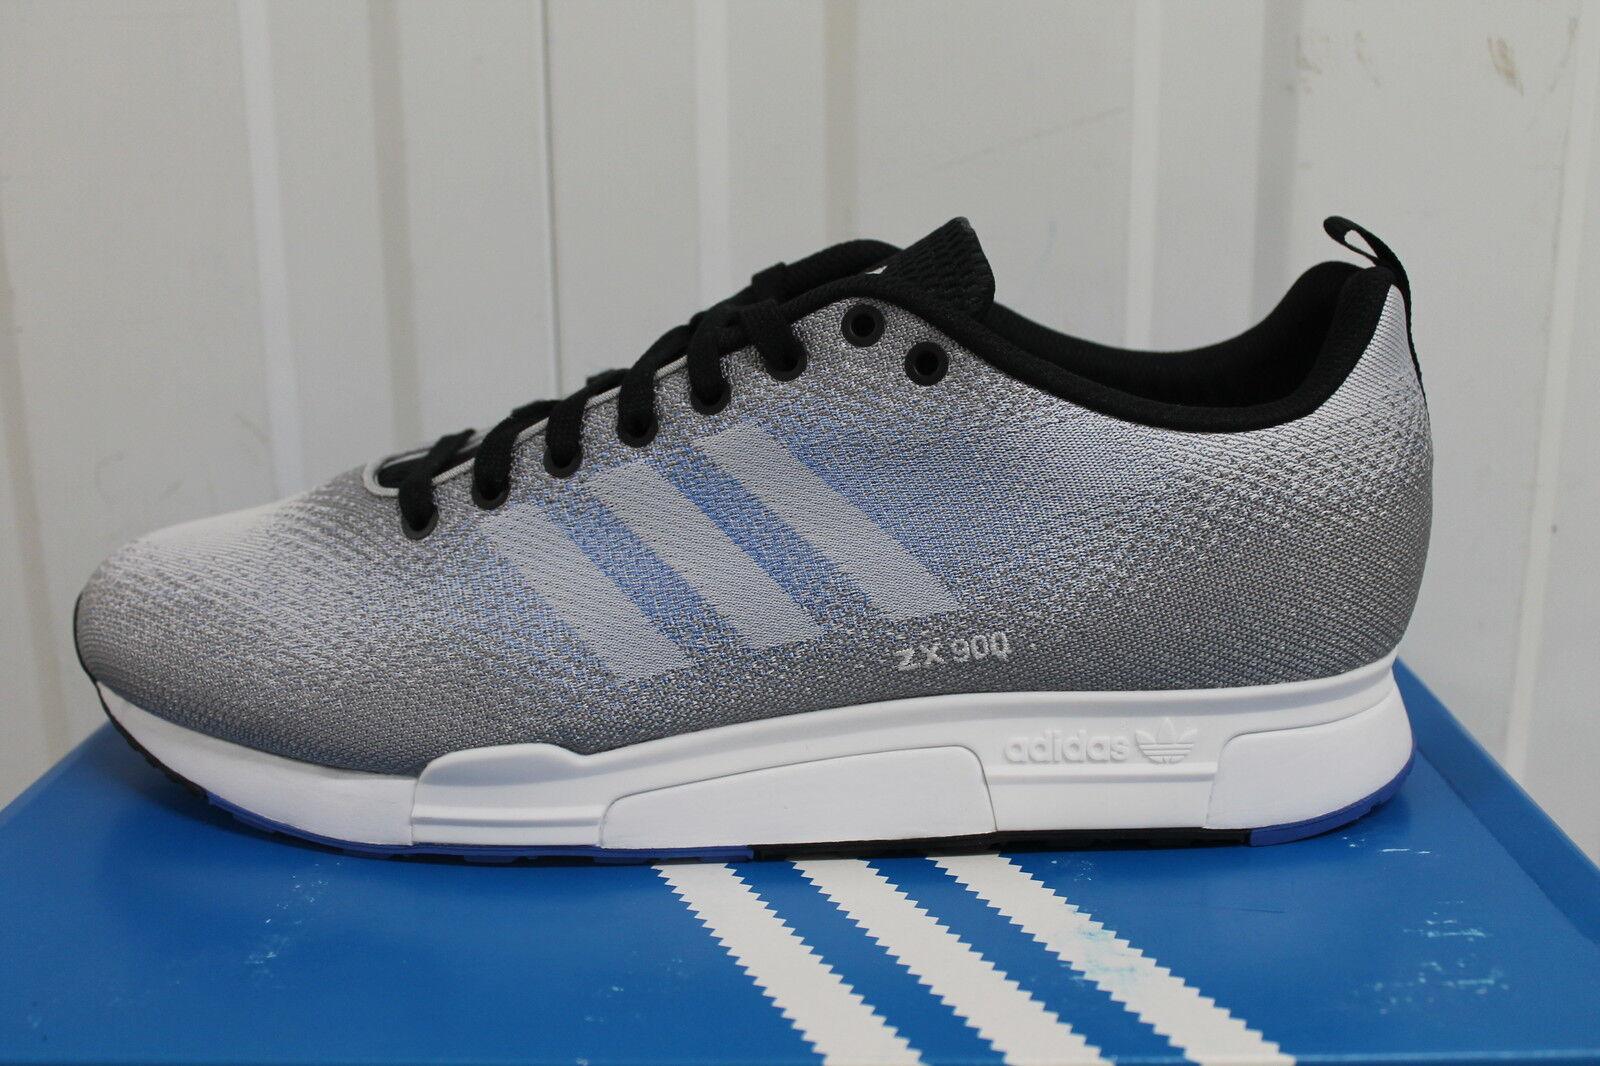 adidas zx 900 femme